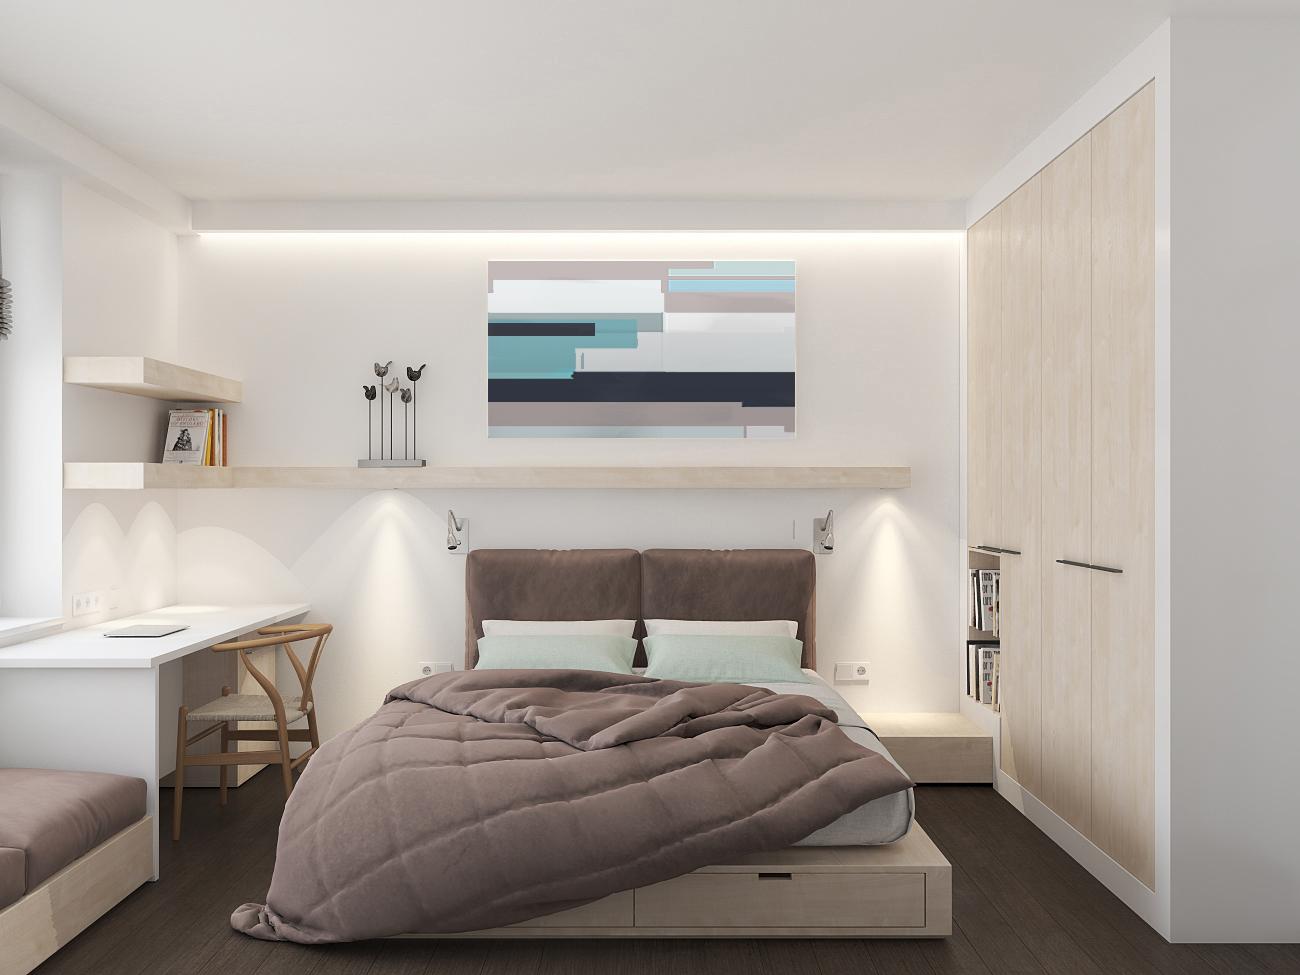 70% white  (трехкомнатная квартира)